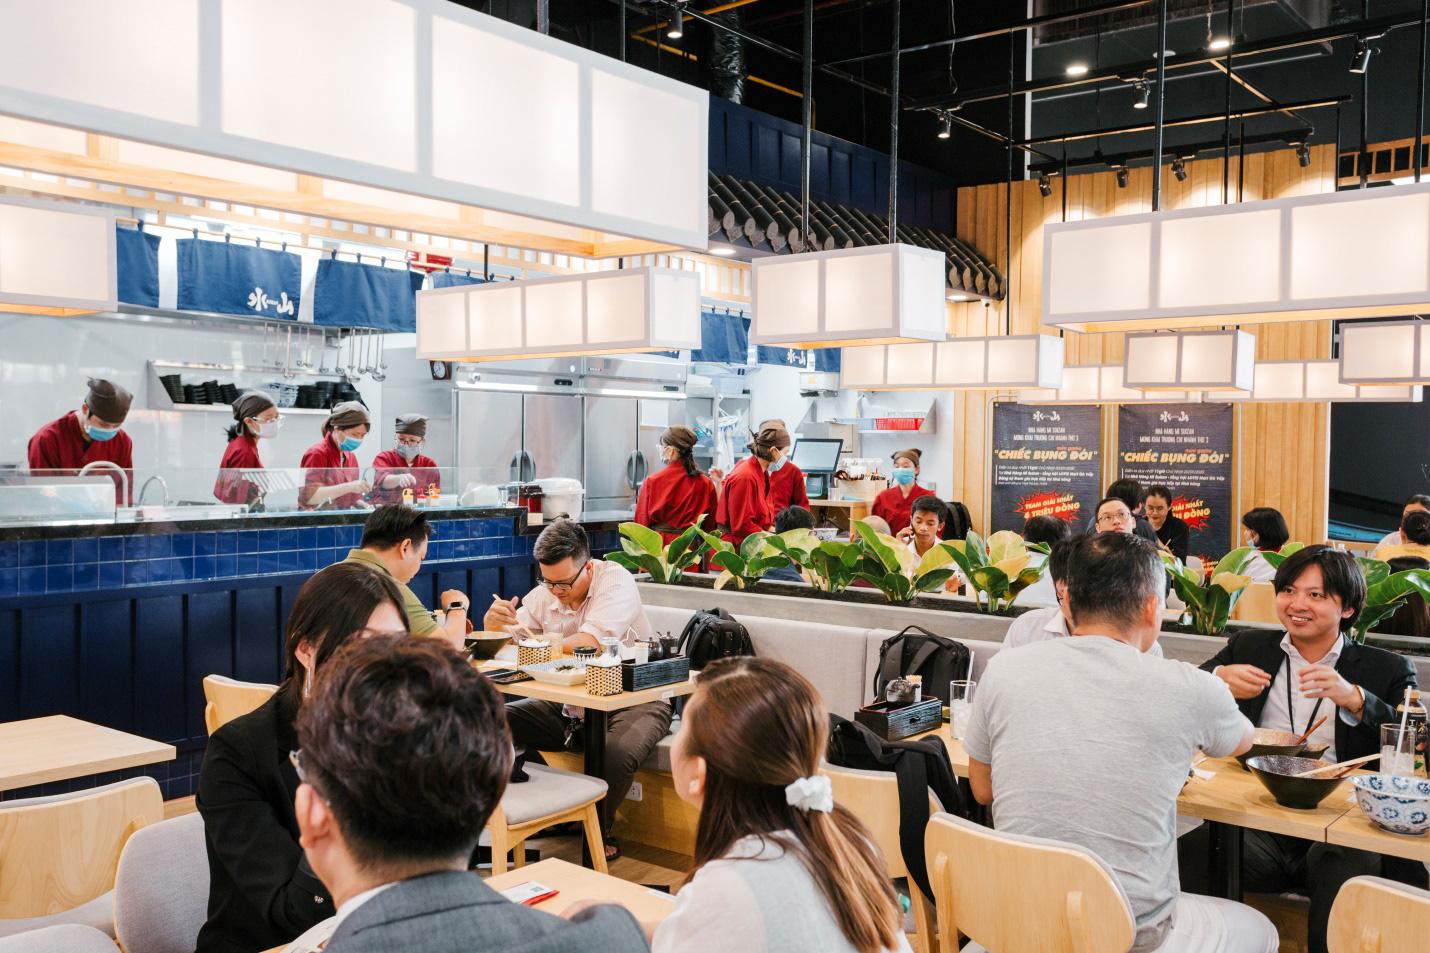 Thương hiệu mì Udon tươi hàng đầu Nhật Bản SUIZAN khai trương cửa hàng thứ 3 ở Lotte Mart Gò Vấp - Ảnh 2.